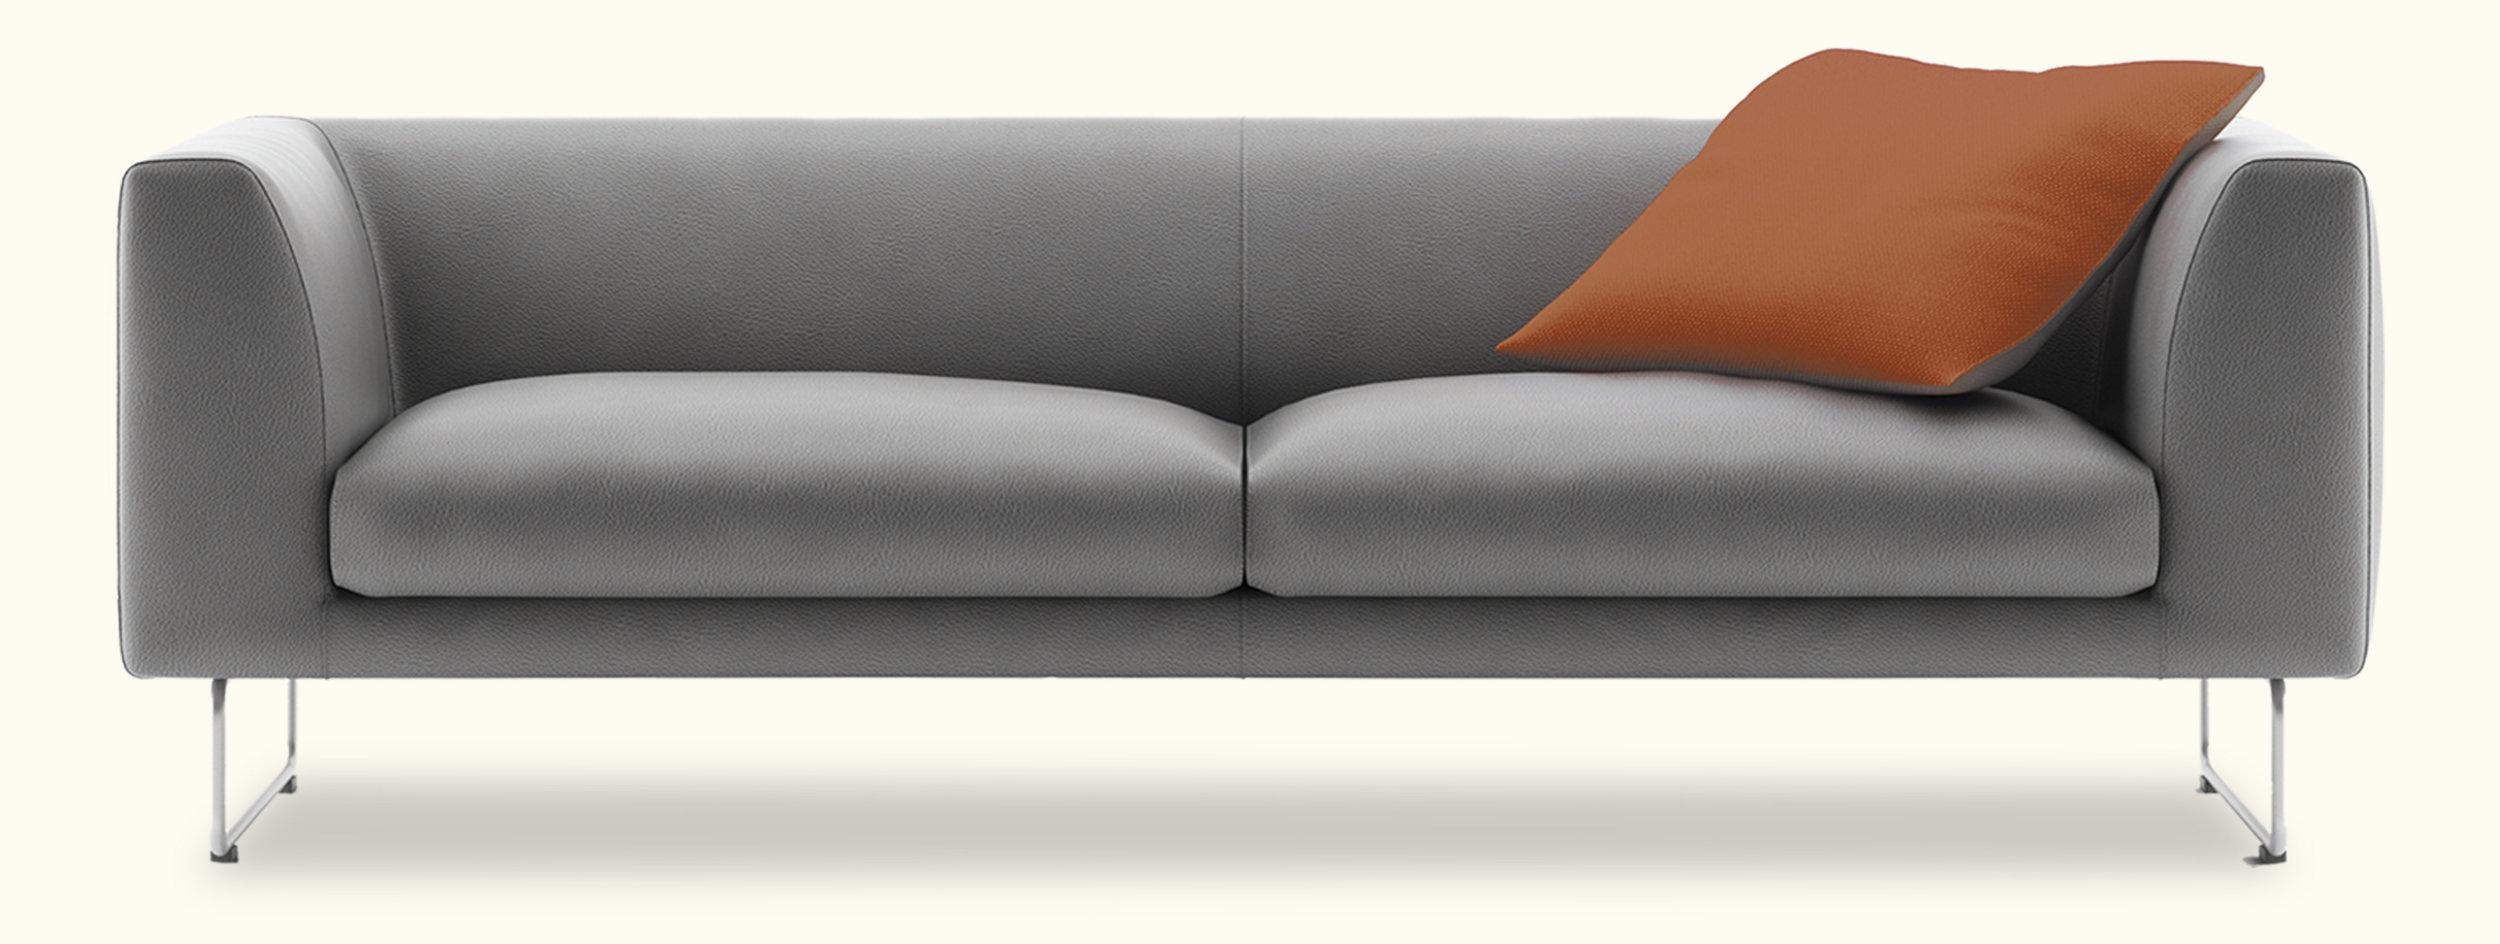 sofa for website.jpg